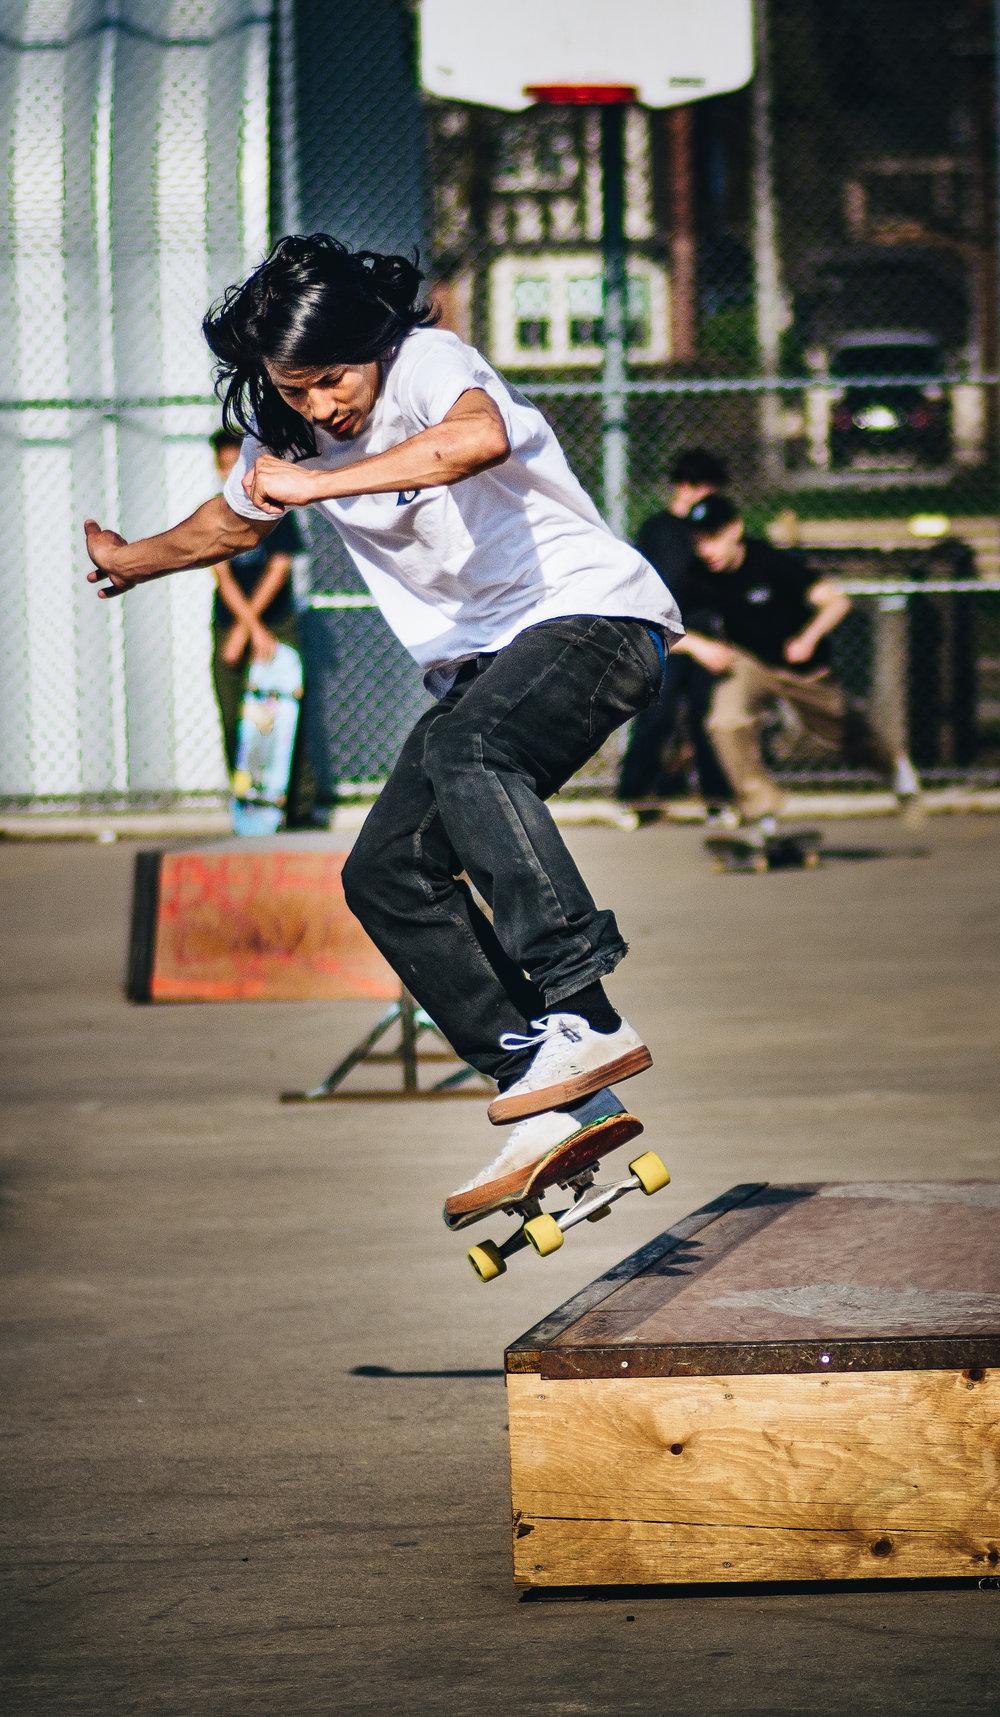 Skateboarding at Dufferin Grove skatepark, Toronto, 2017.